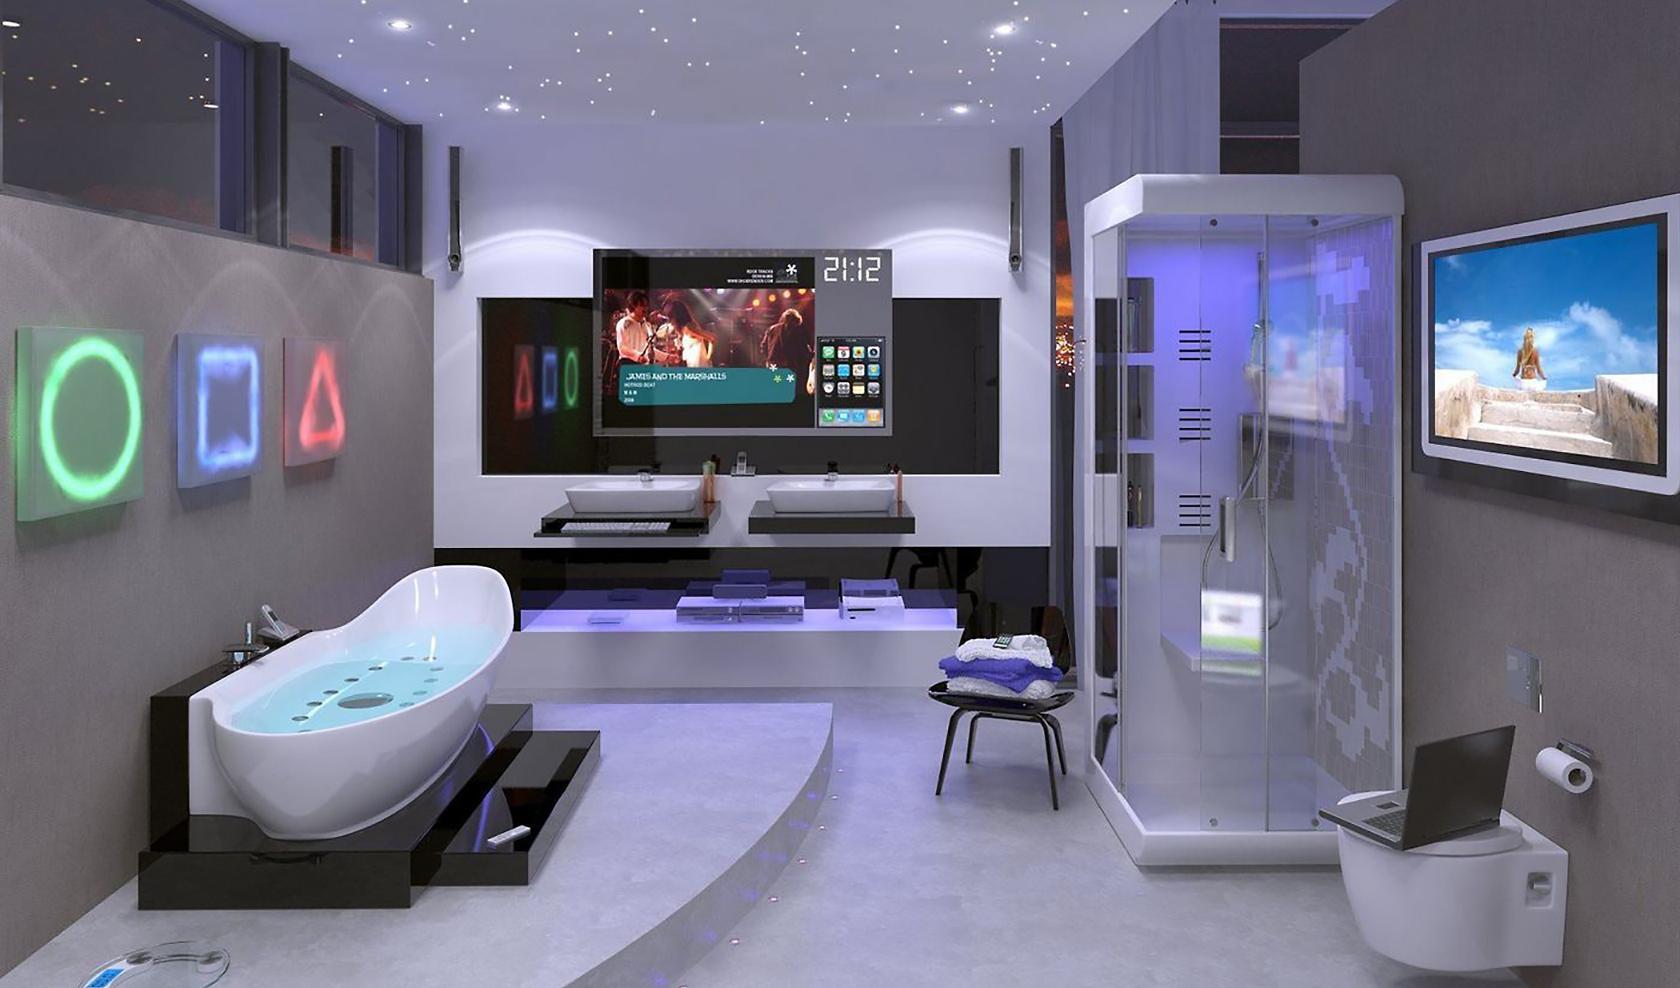 IoT smart home.